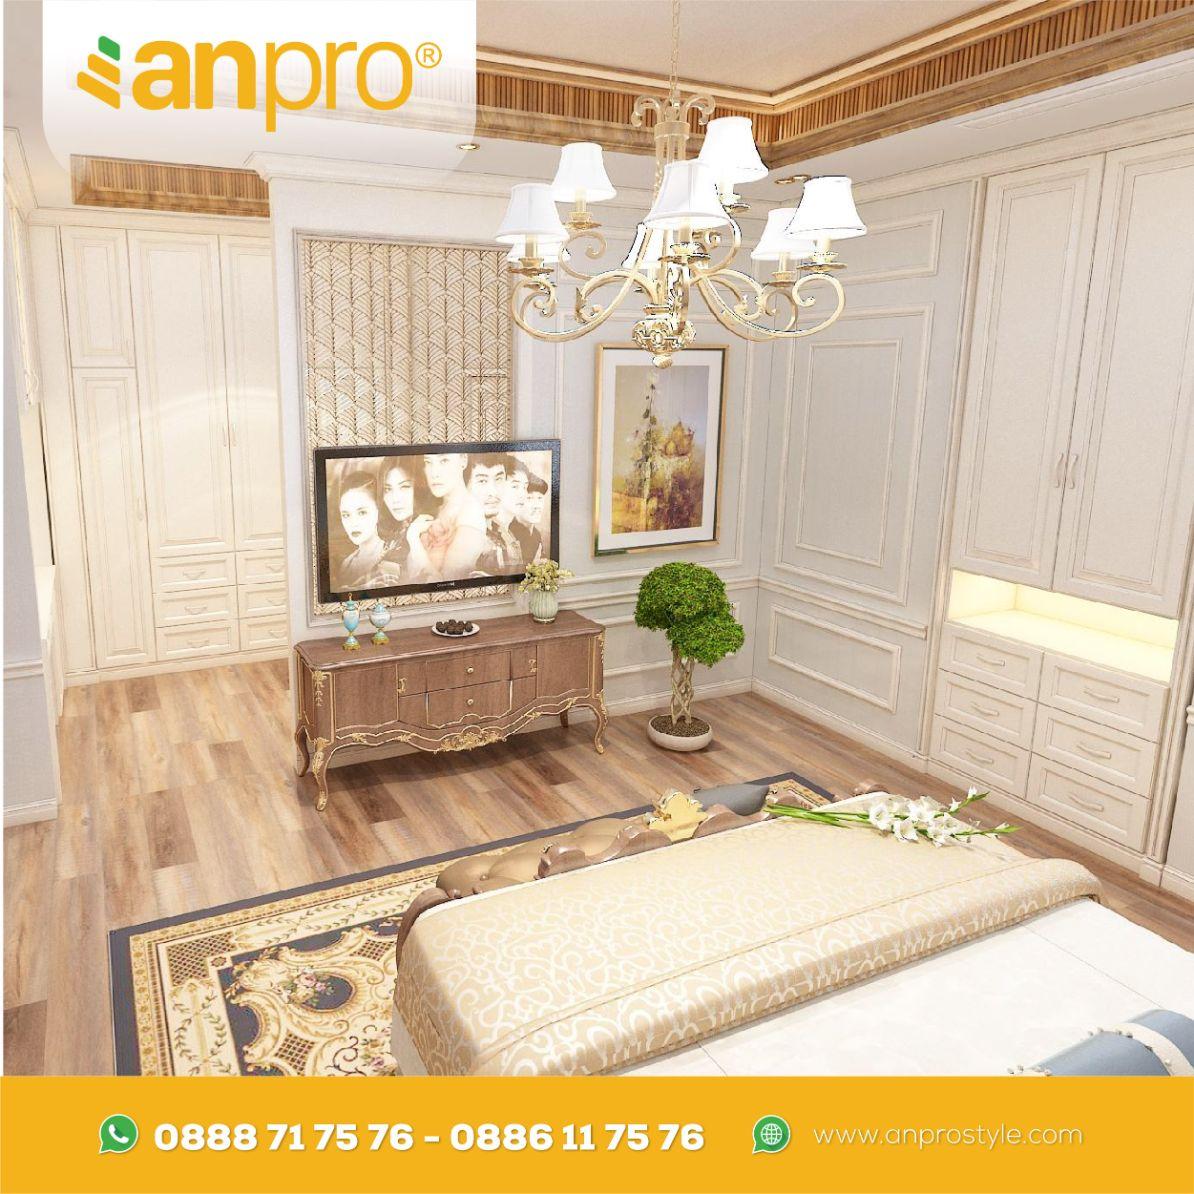 6 7 04 - Ấn tượng với thiết kế nội thất mang vẻ đẹp vượt thời gian